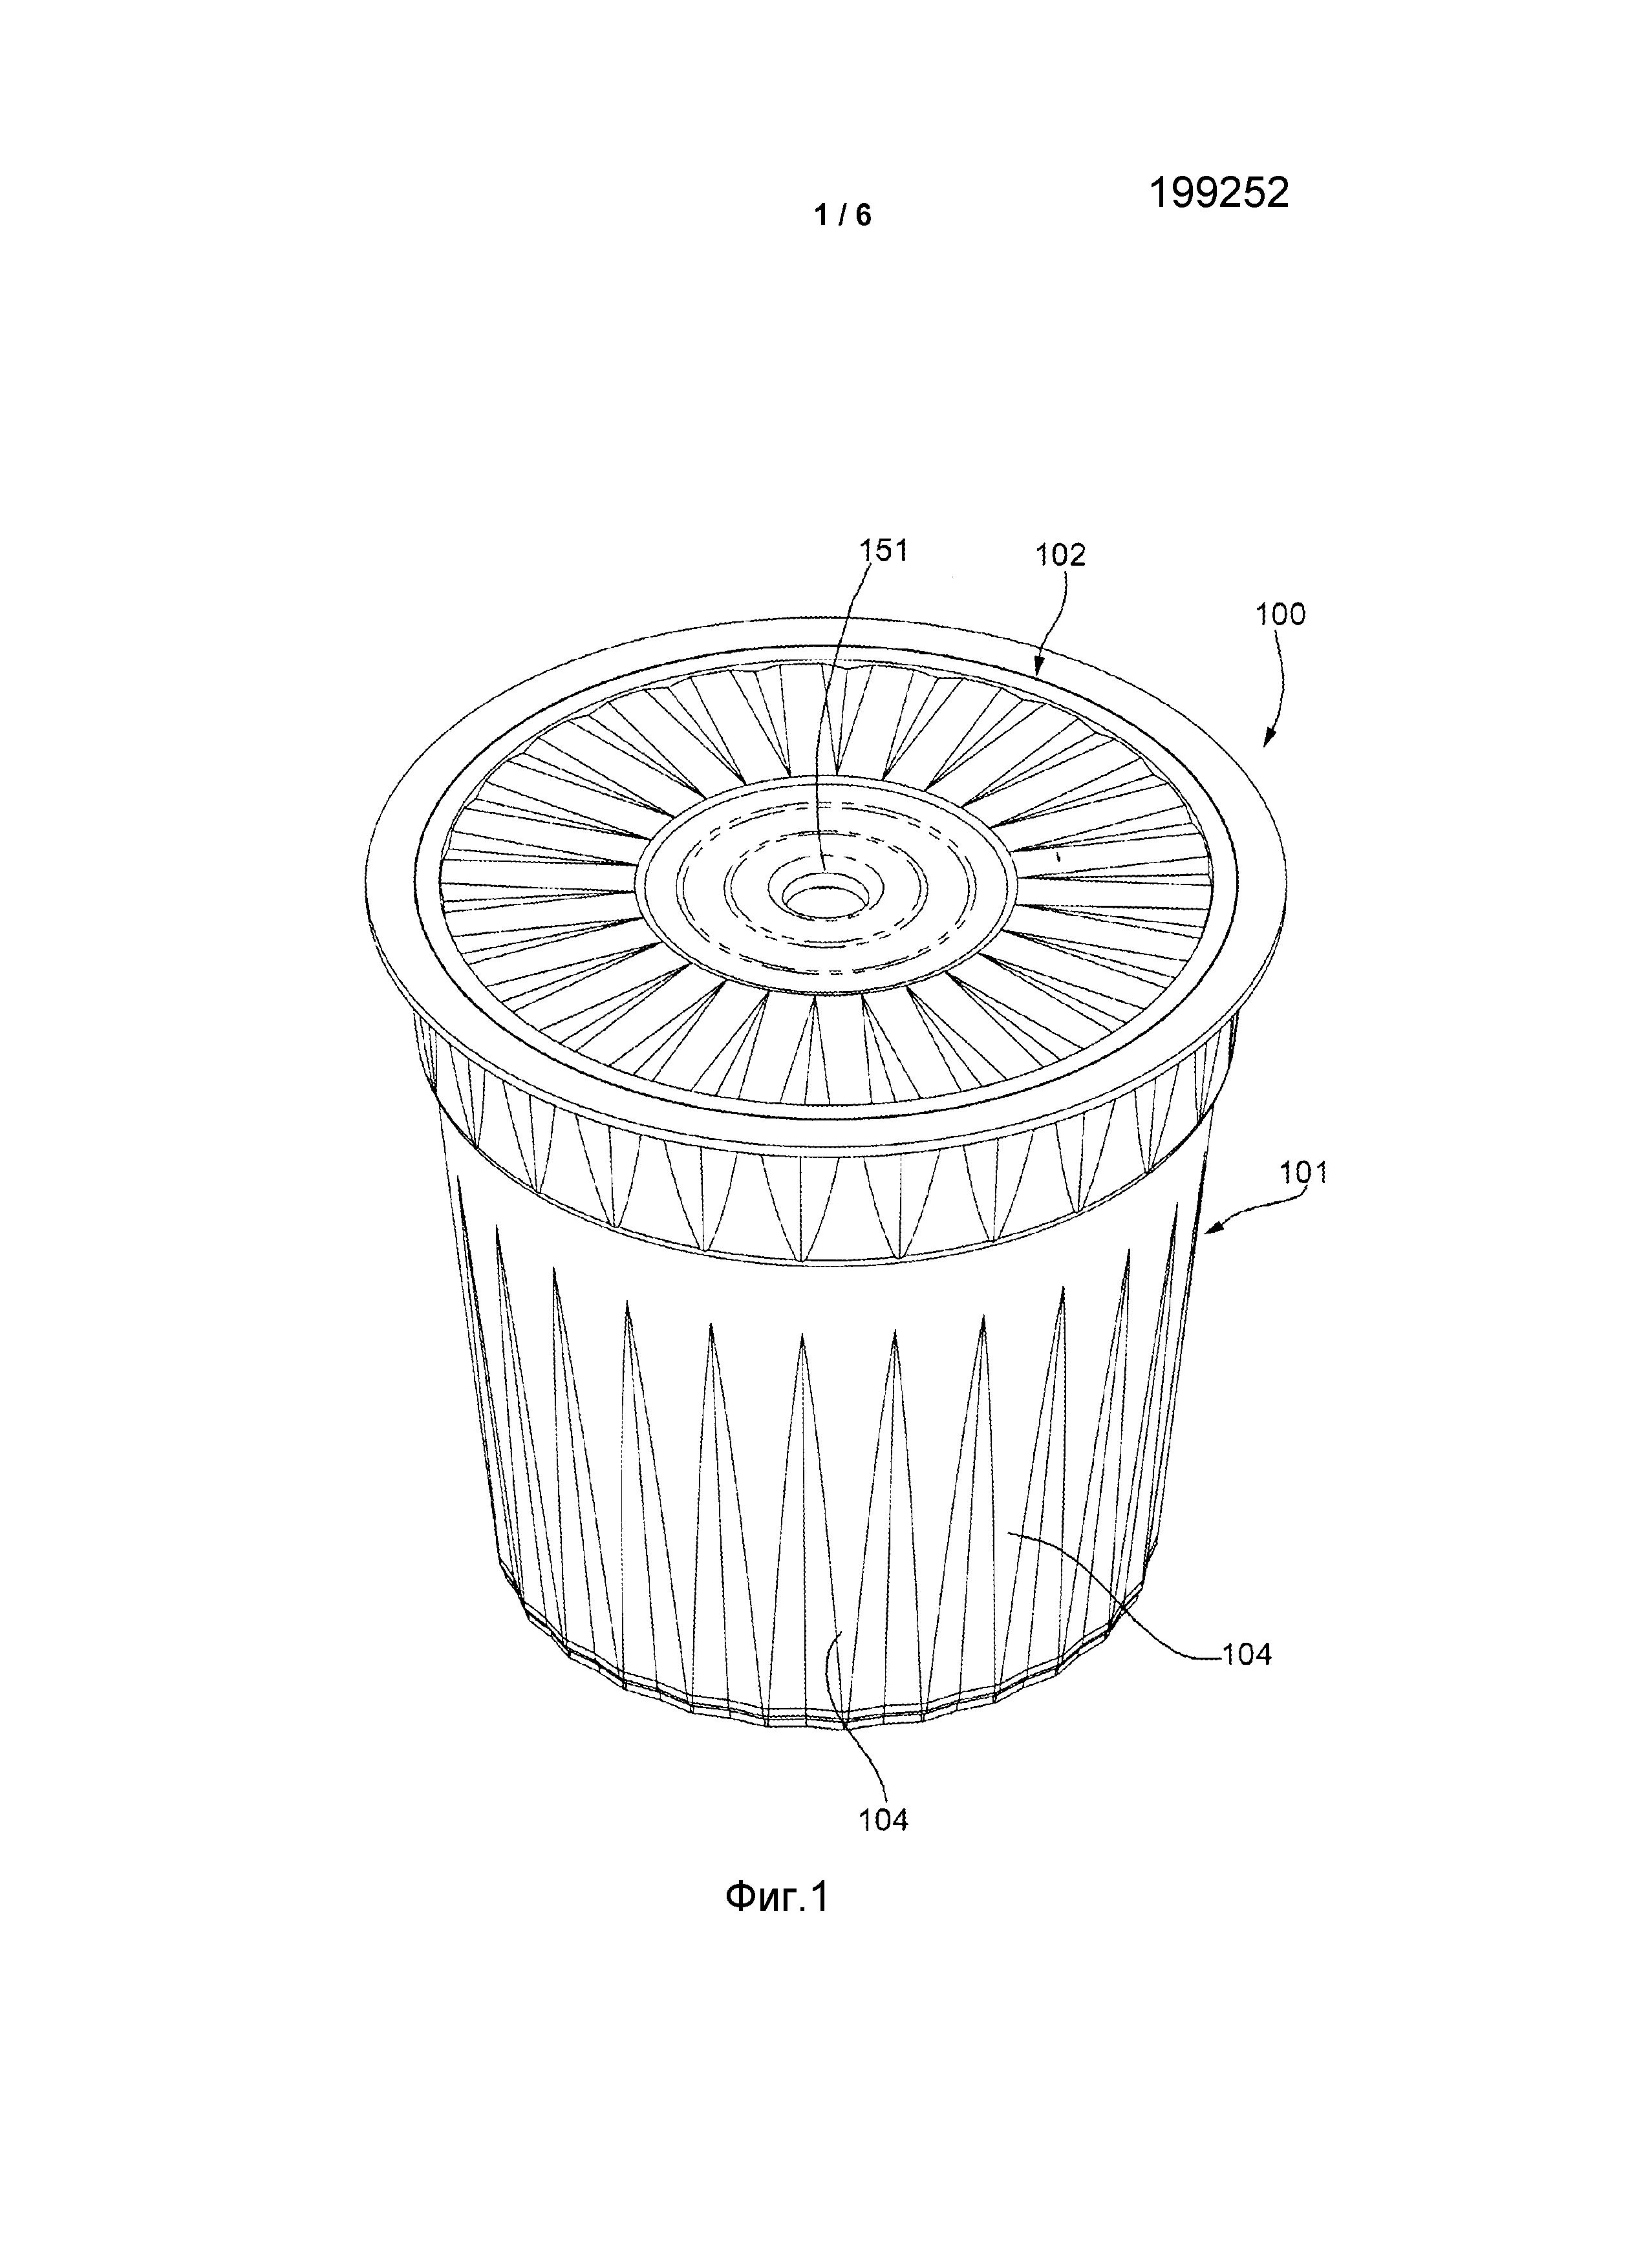 Сменная капсула для приготовления настоя кофе и способ получения настоя упомянутого кофе